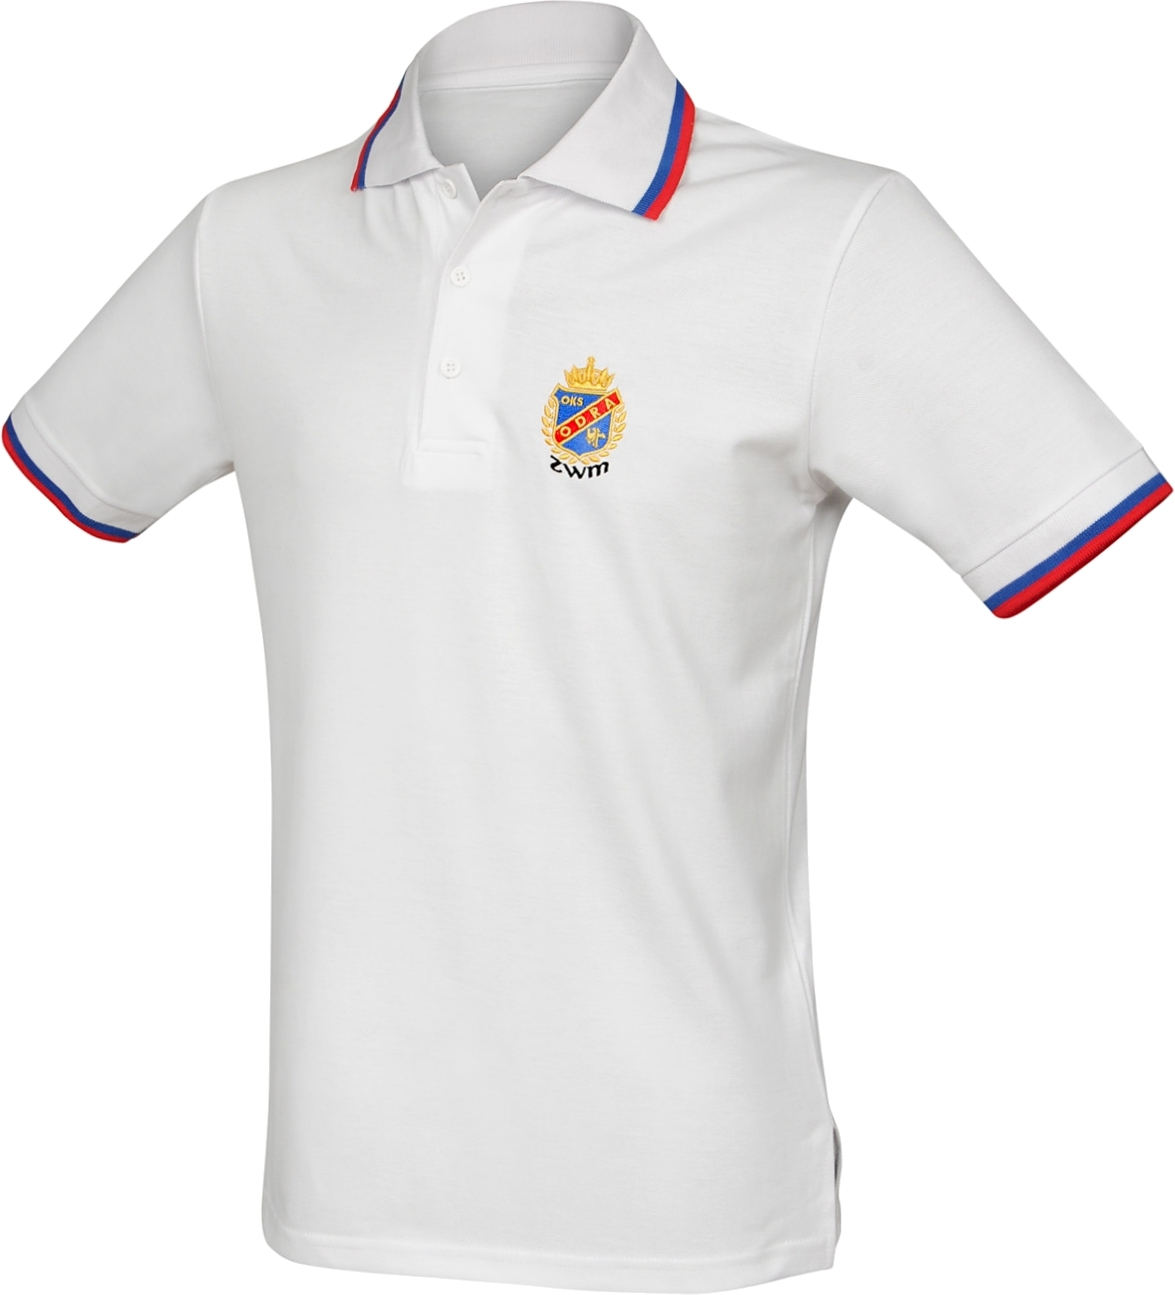 Koszulki polo na zamówienie